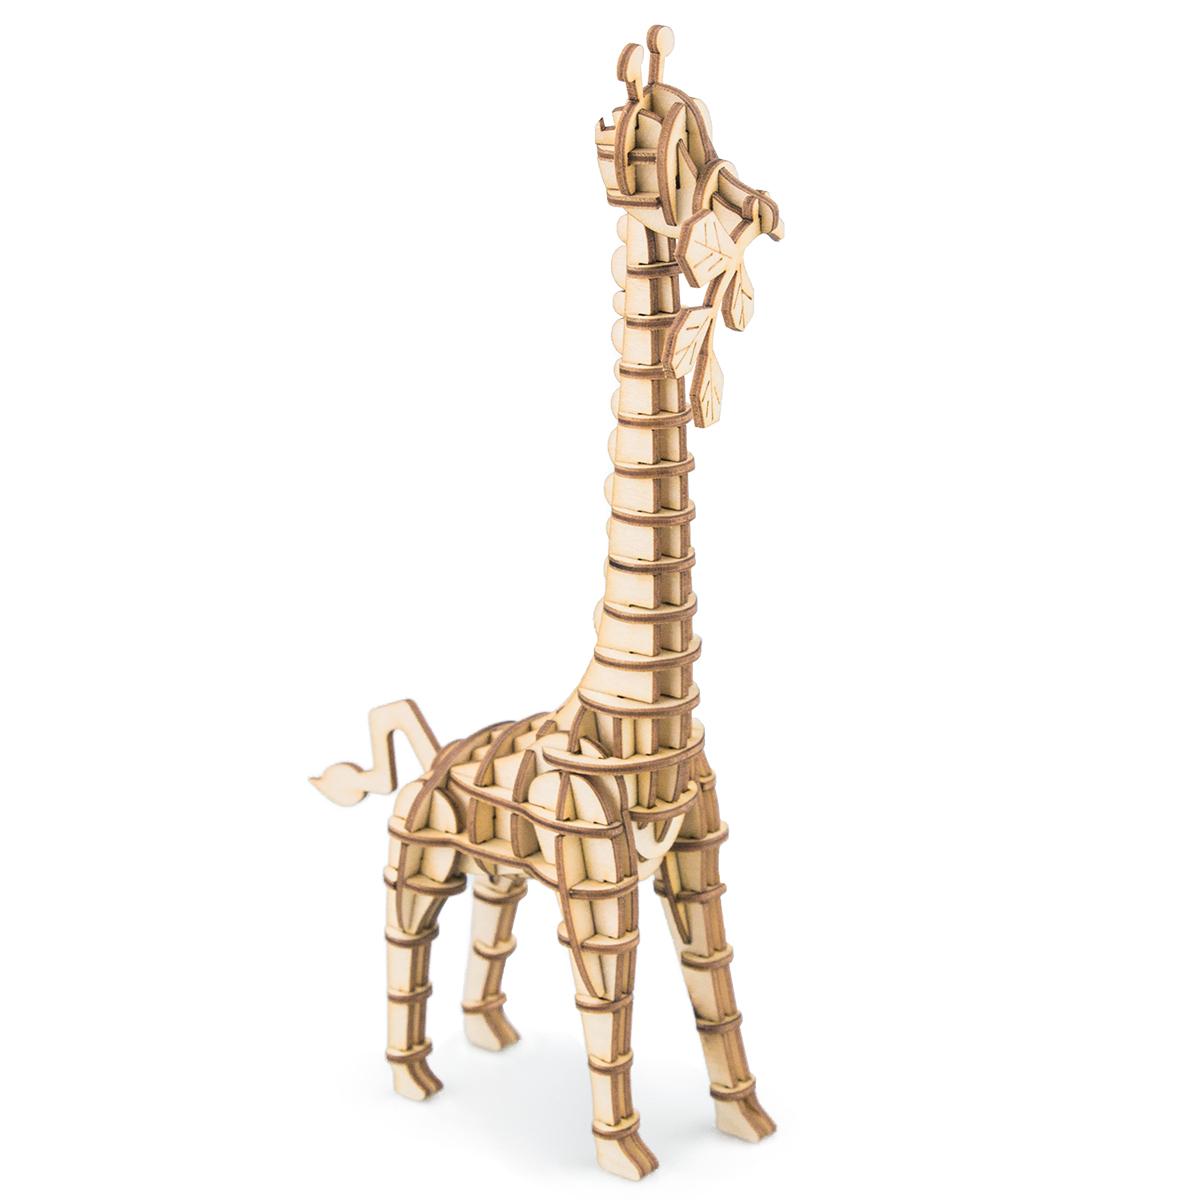 Giraffe TG206